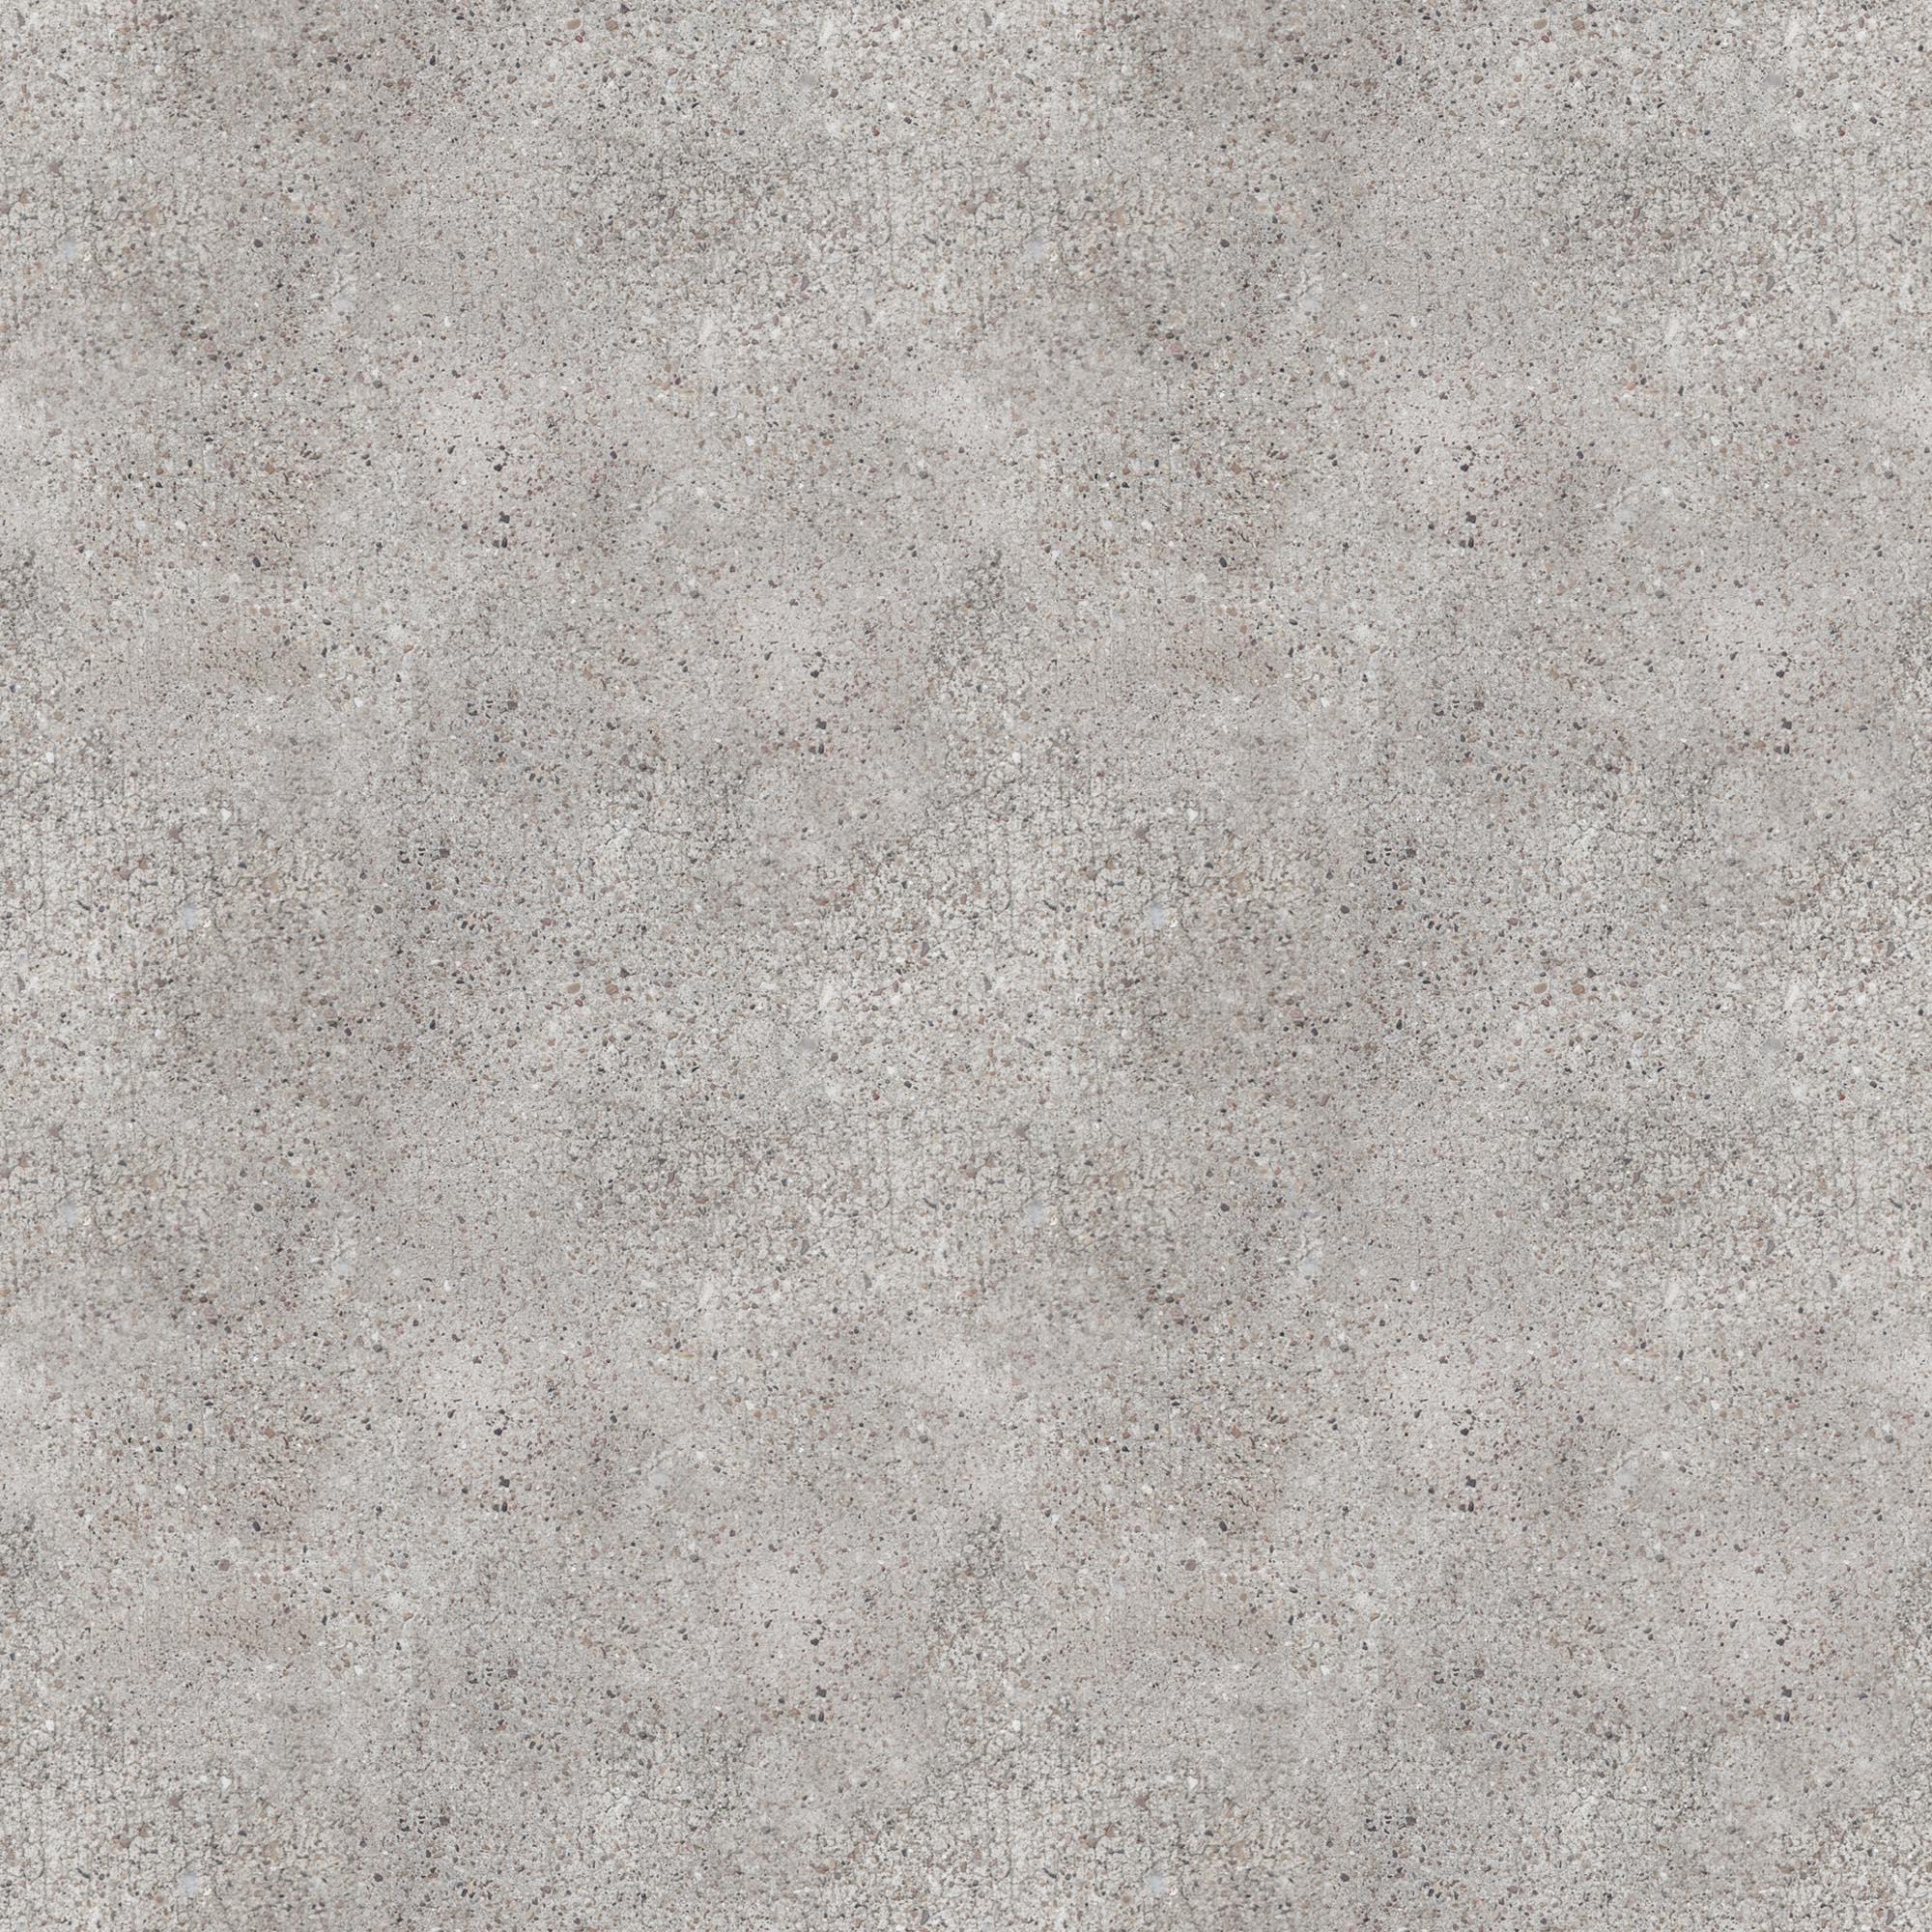 concretethumb